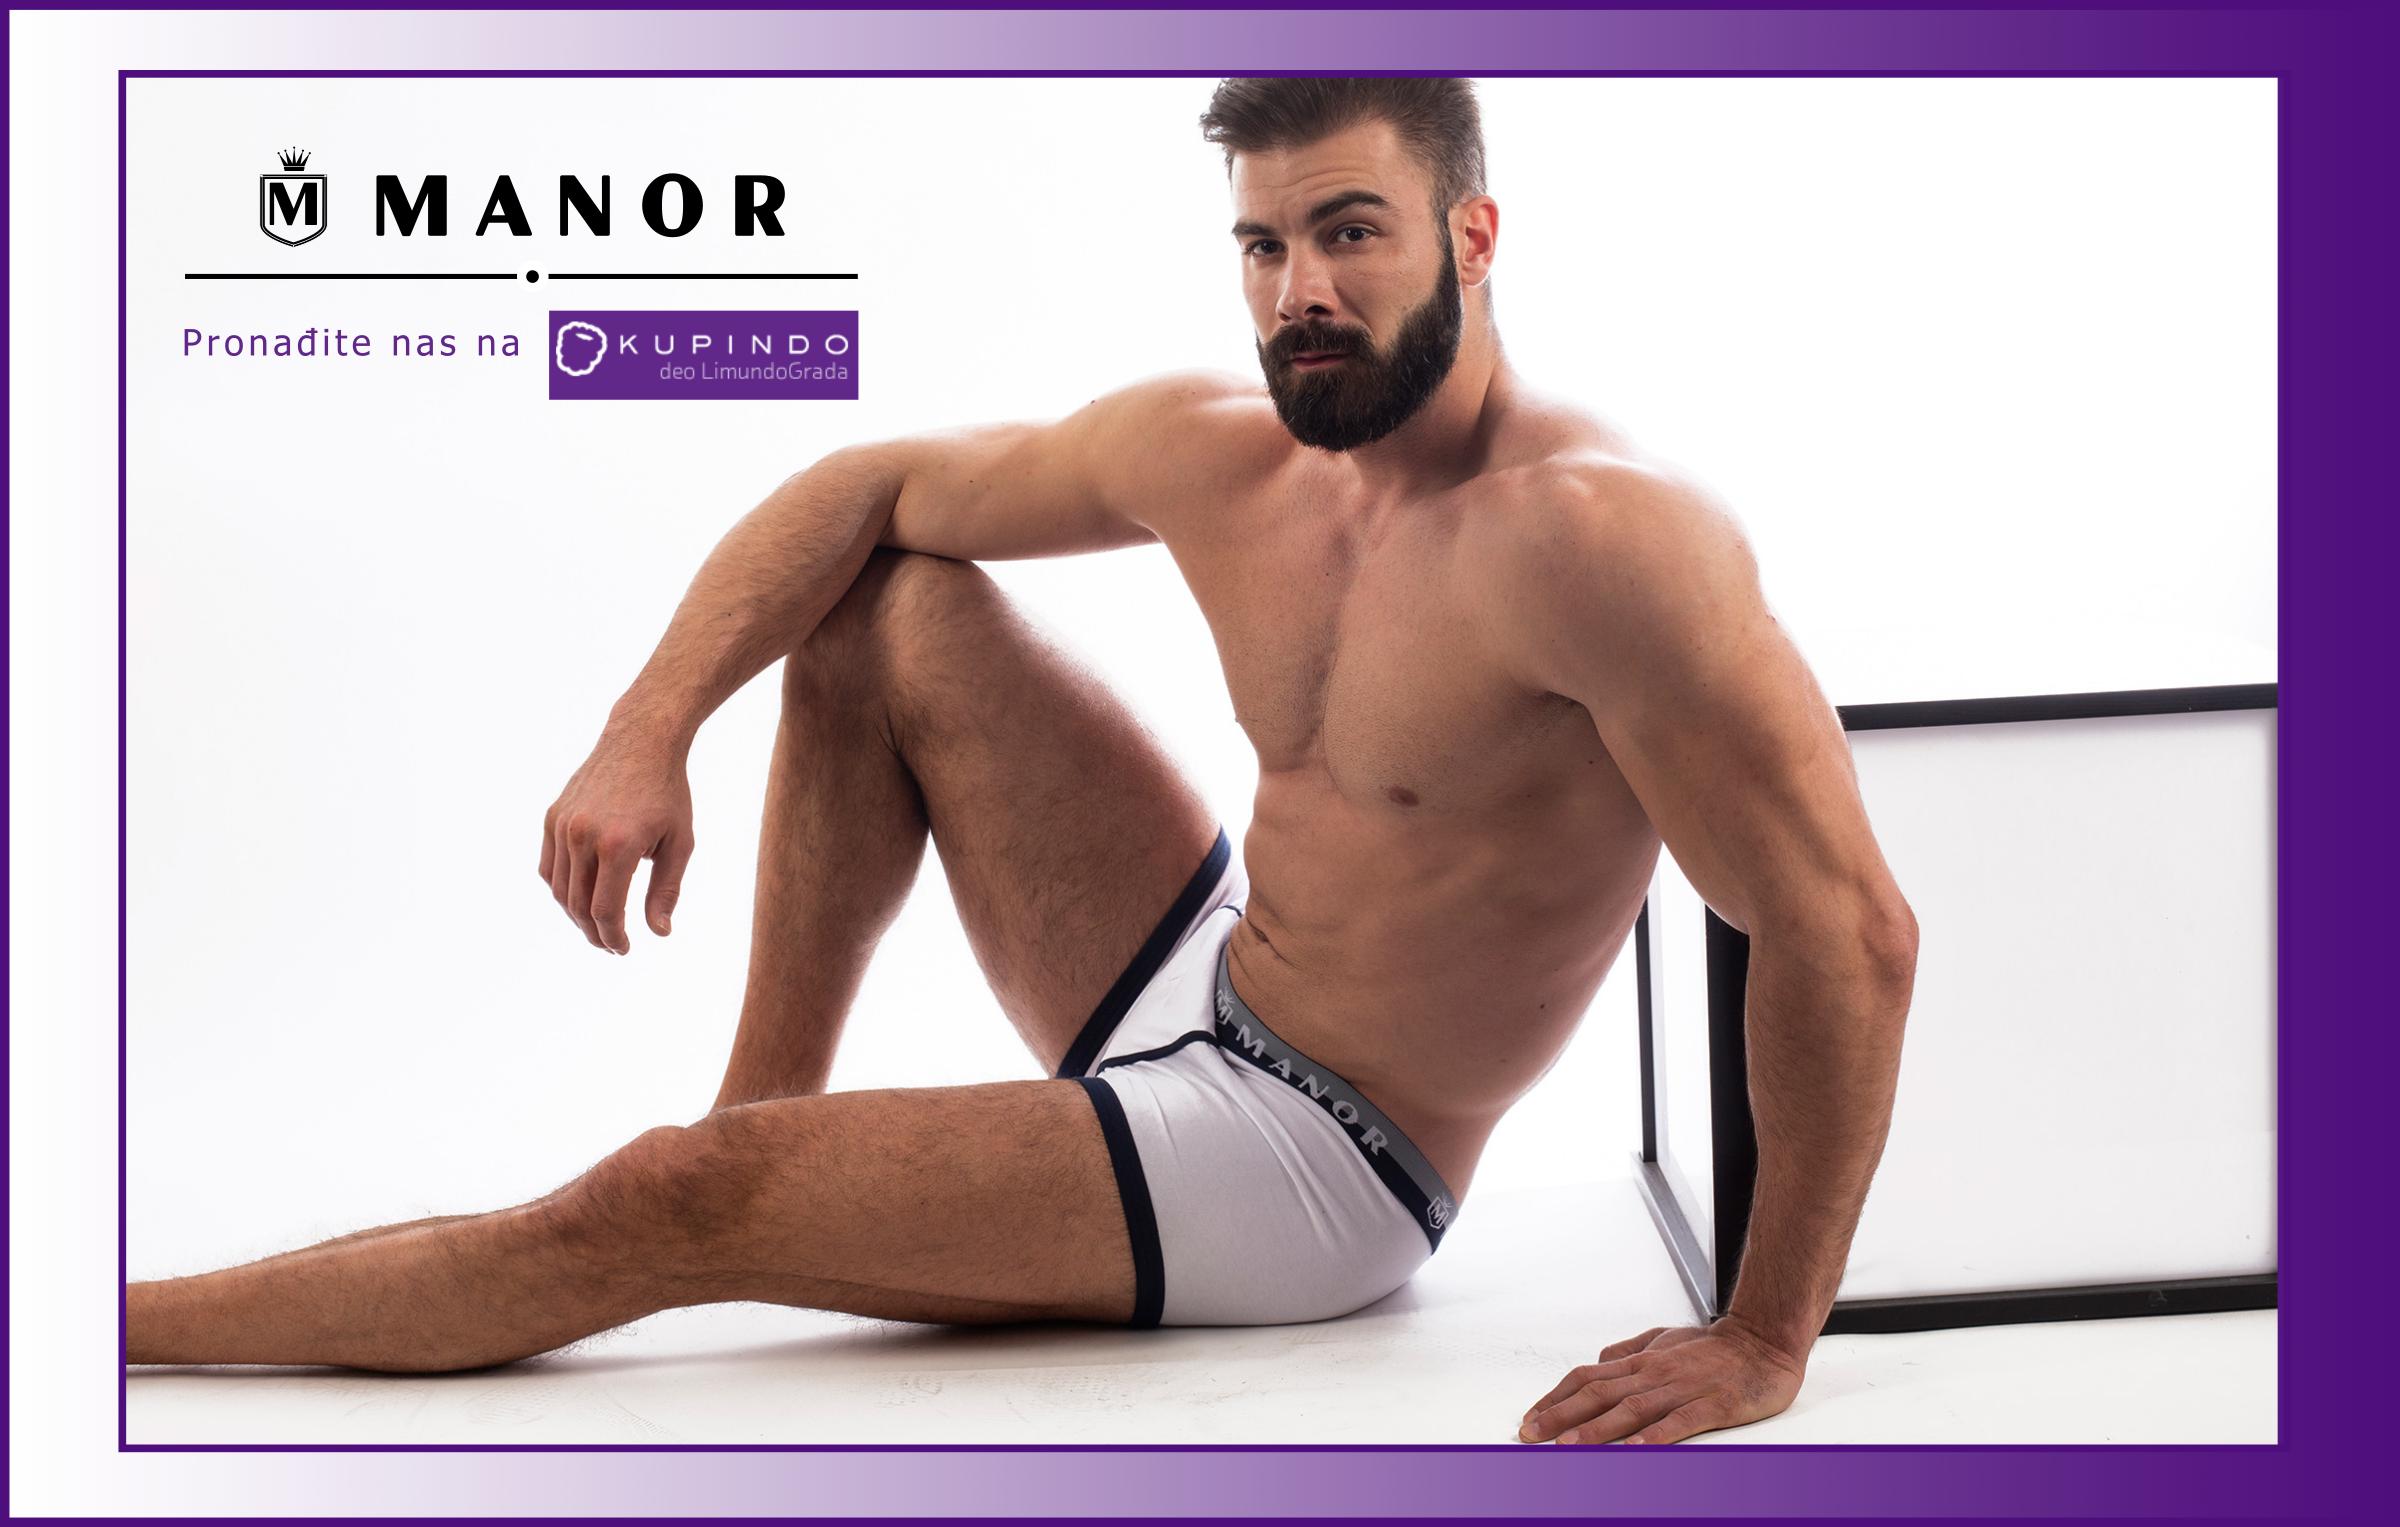 Manor underwear Kupindo